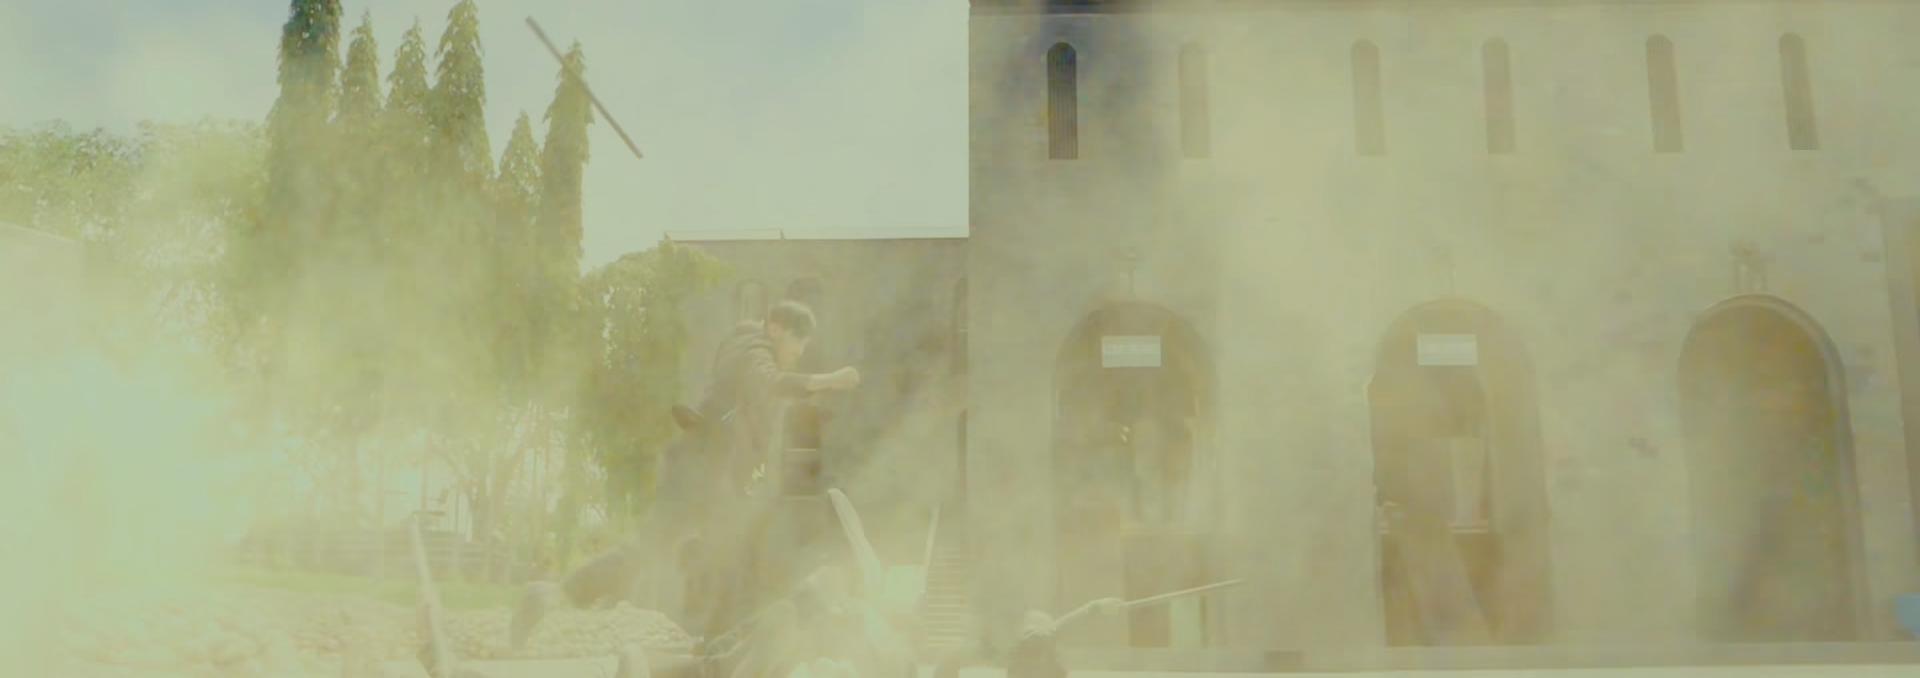 Web drama của Lâm Chấn Khang vừa hạ bệ Sơn Tùng: Đánh đấm như... siêu anh hùng, có cả màn tái sinh cực lầy - Ảnh 11.